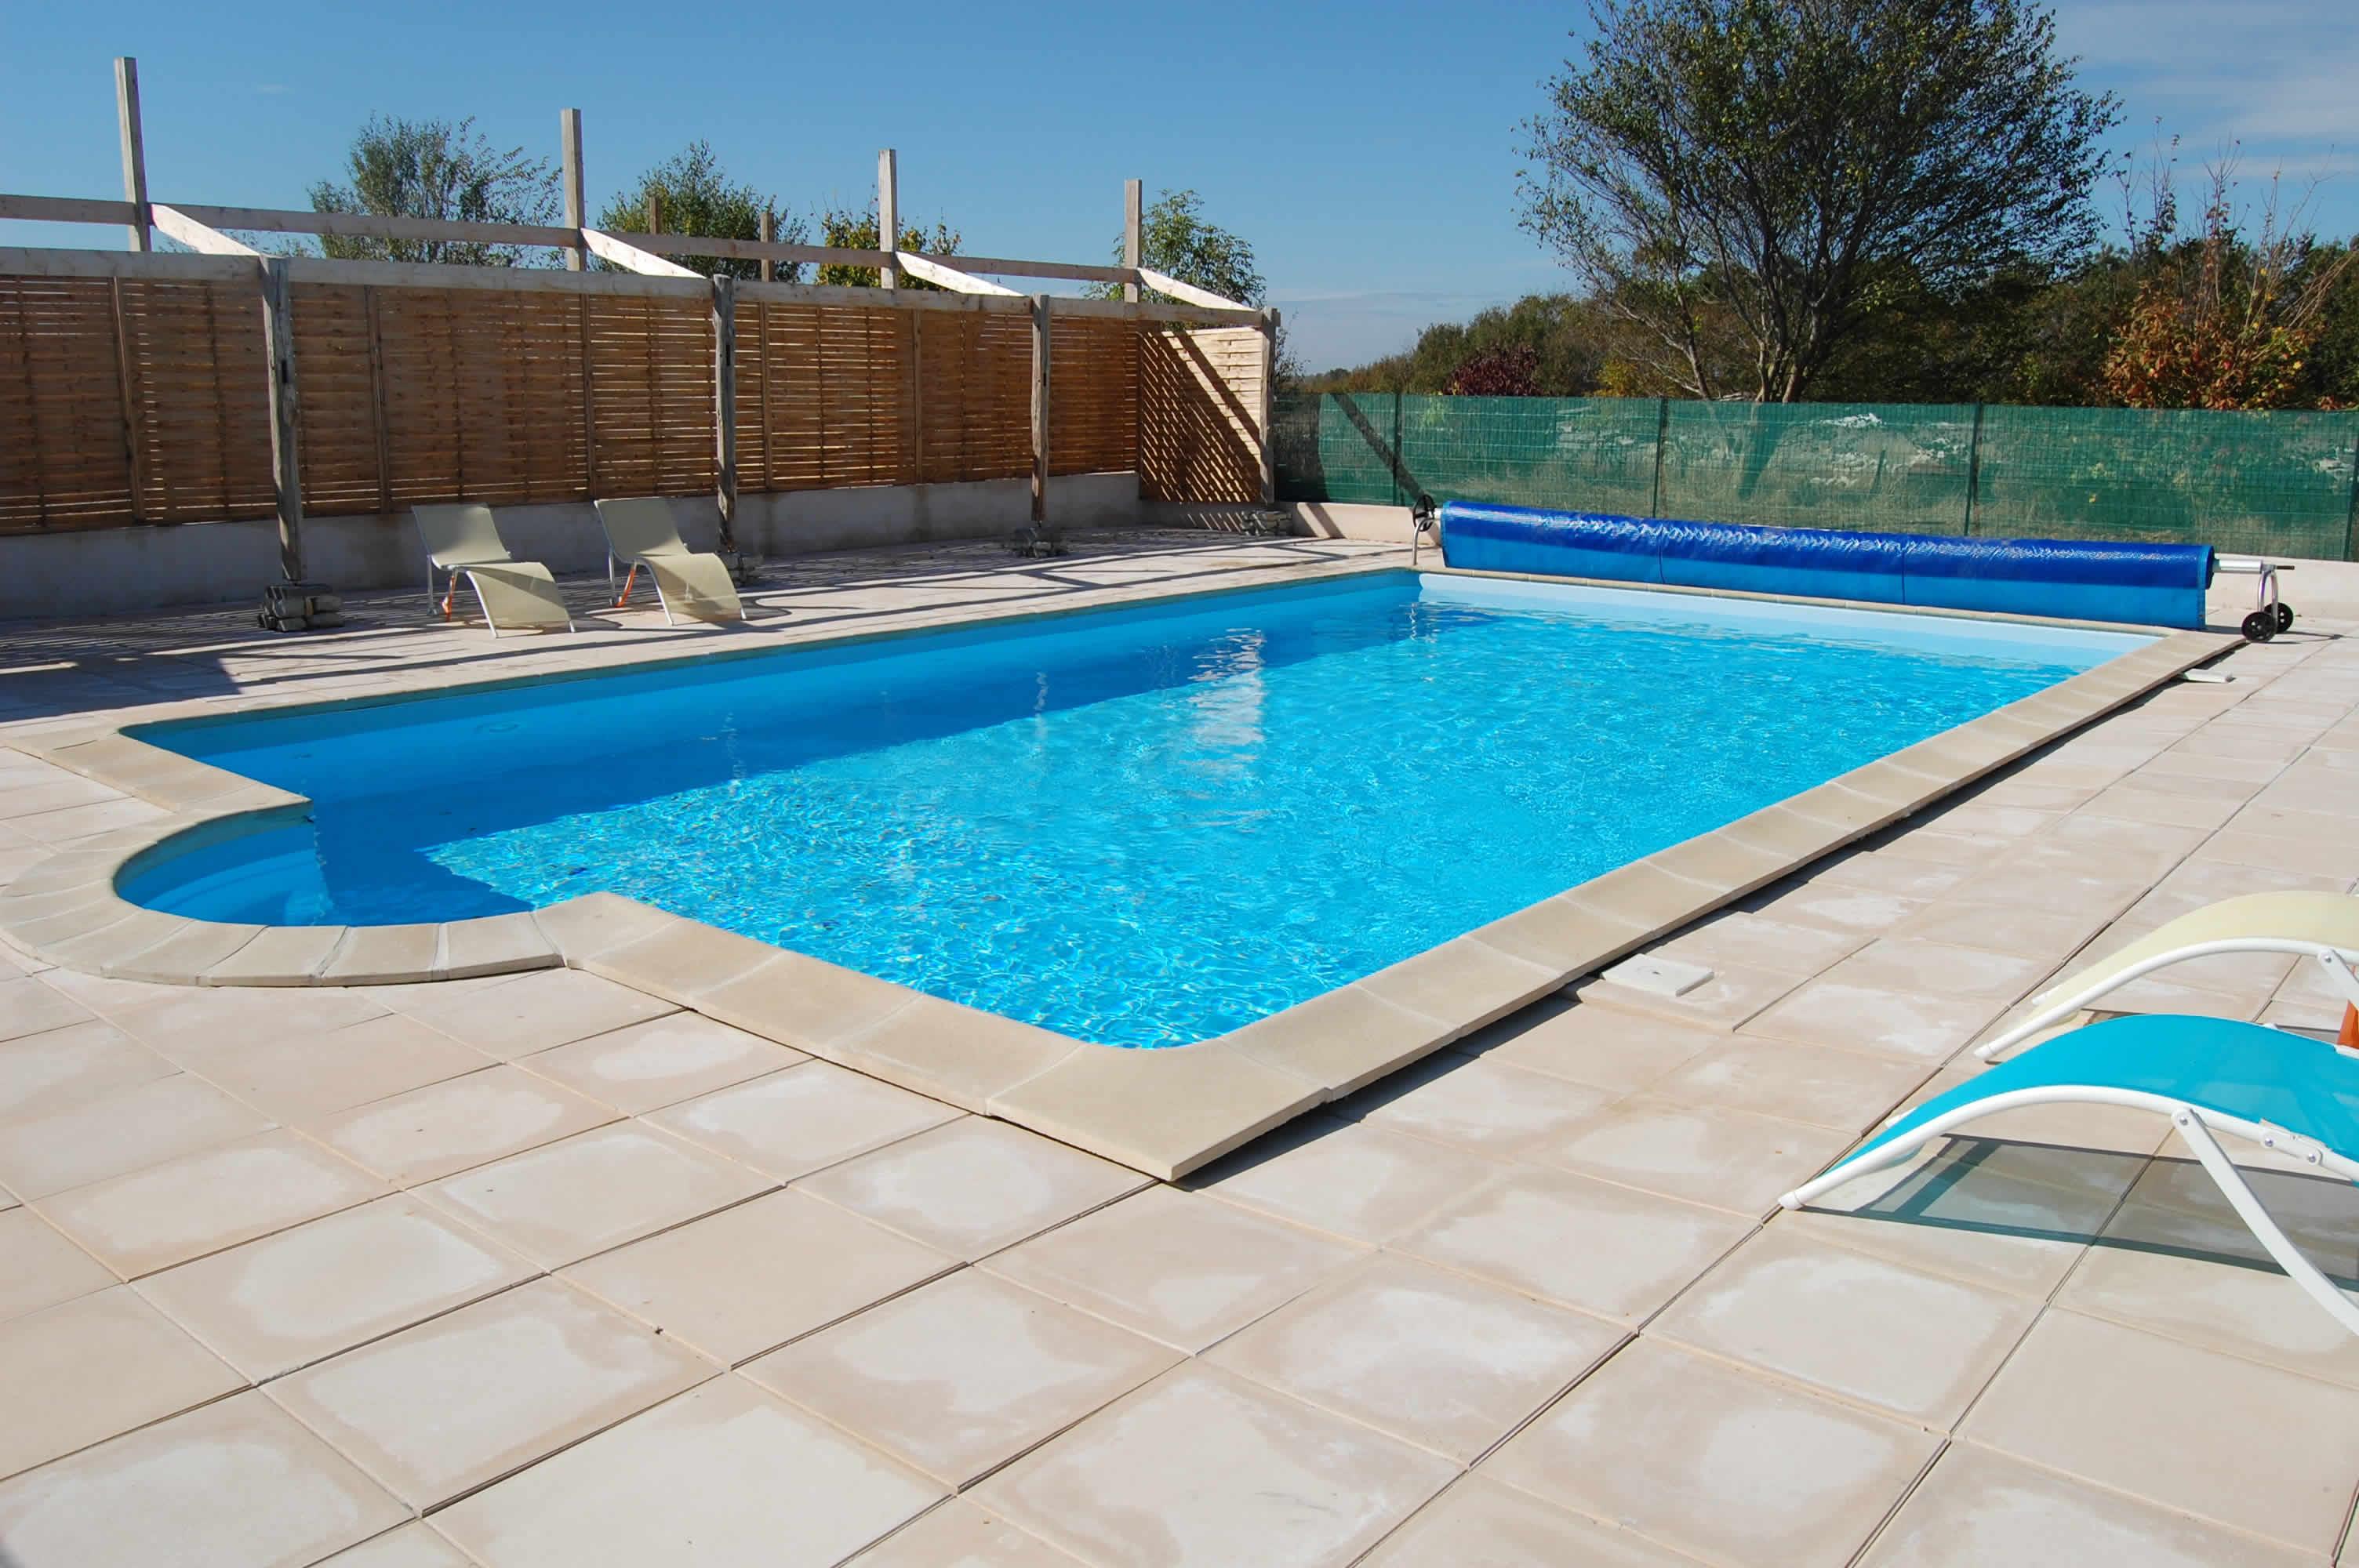 Gite avec piscine pr s de la rochelle pour 8 12 personnes for Piscine de la rochelle